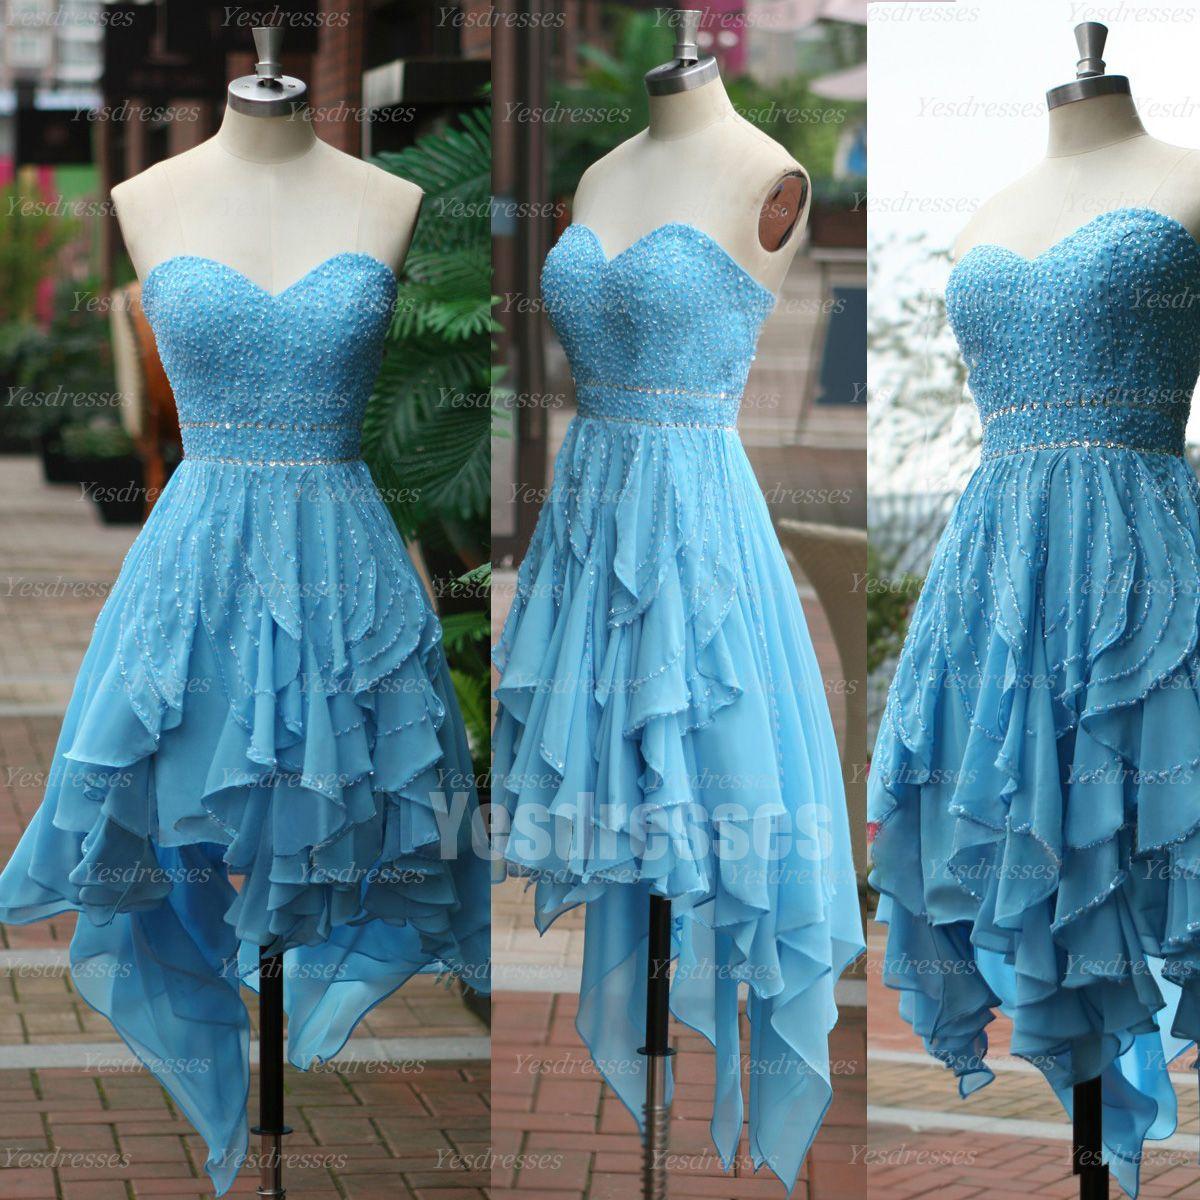 Blue prom dress pretty prom dress hilo prom dress beautiful prom